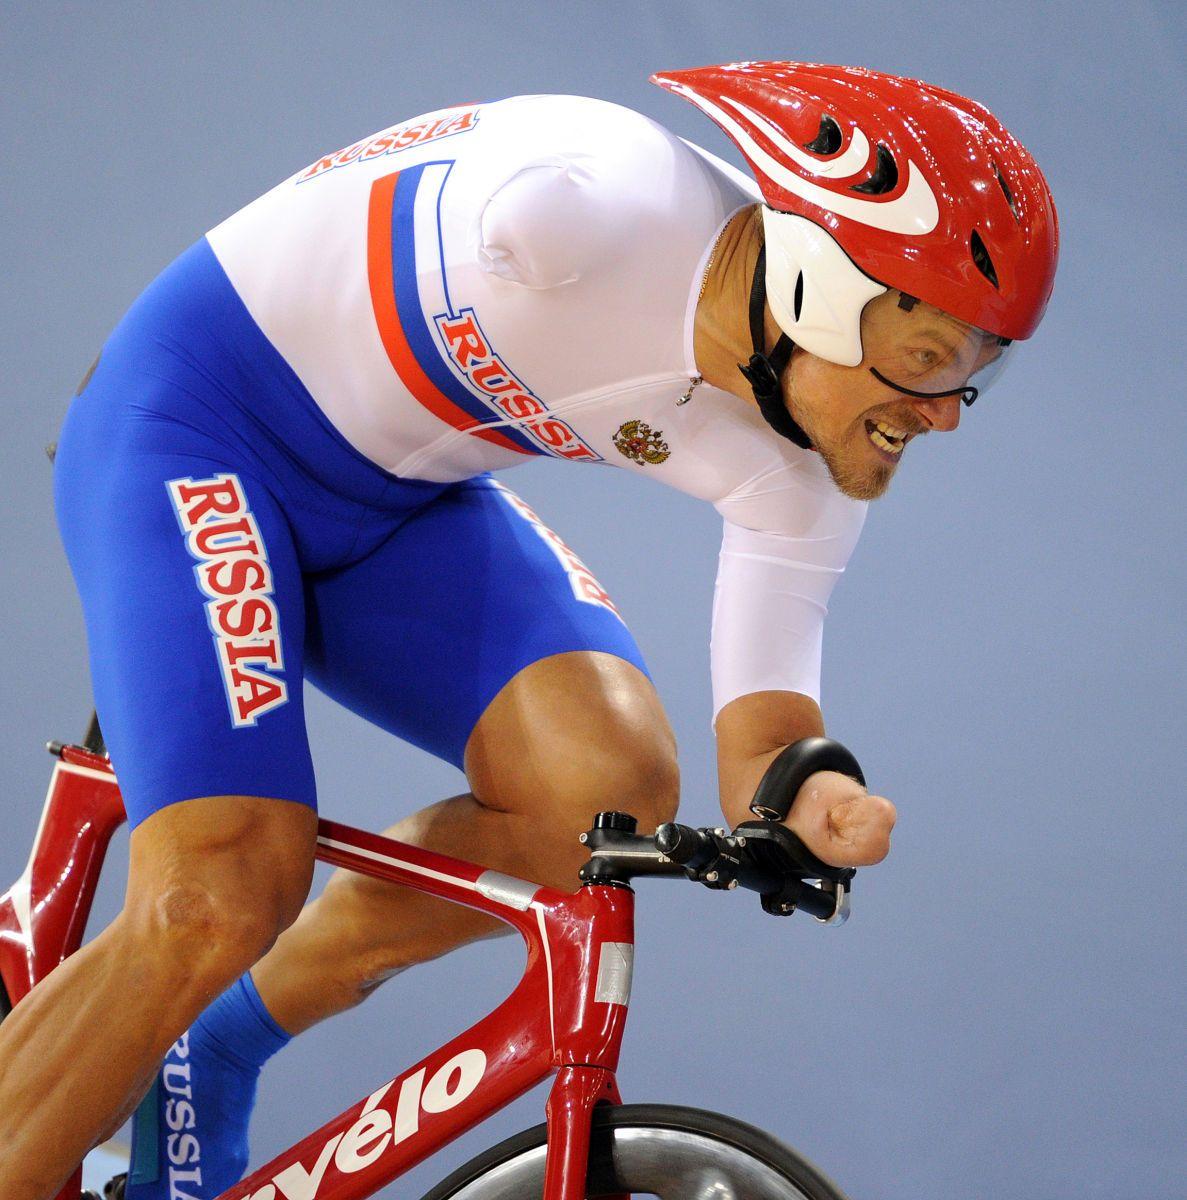 10830_para_cycling_1.jpg